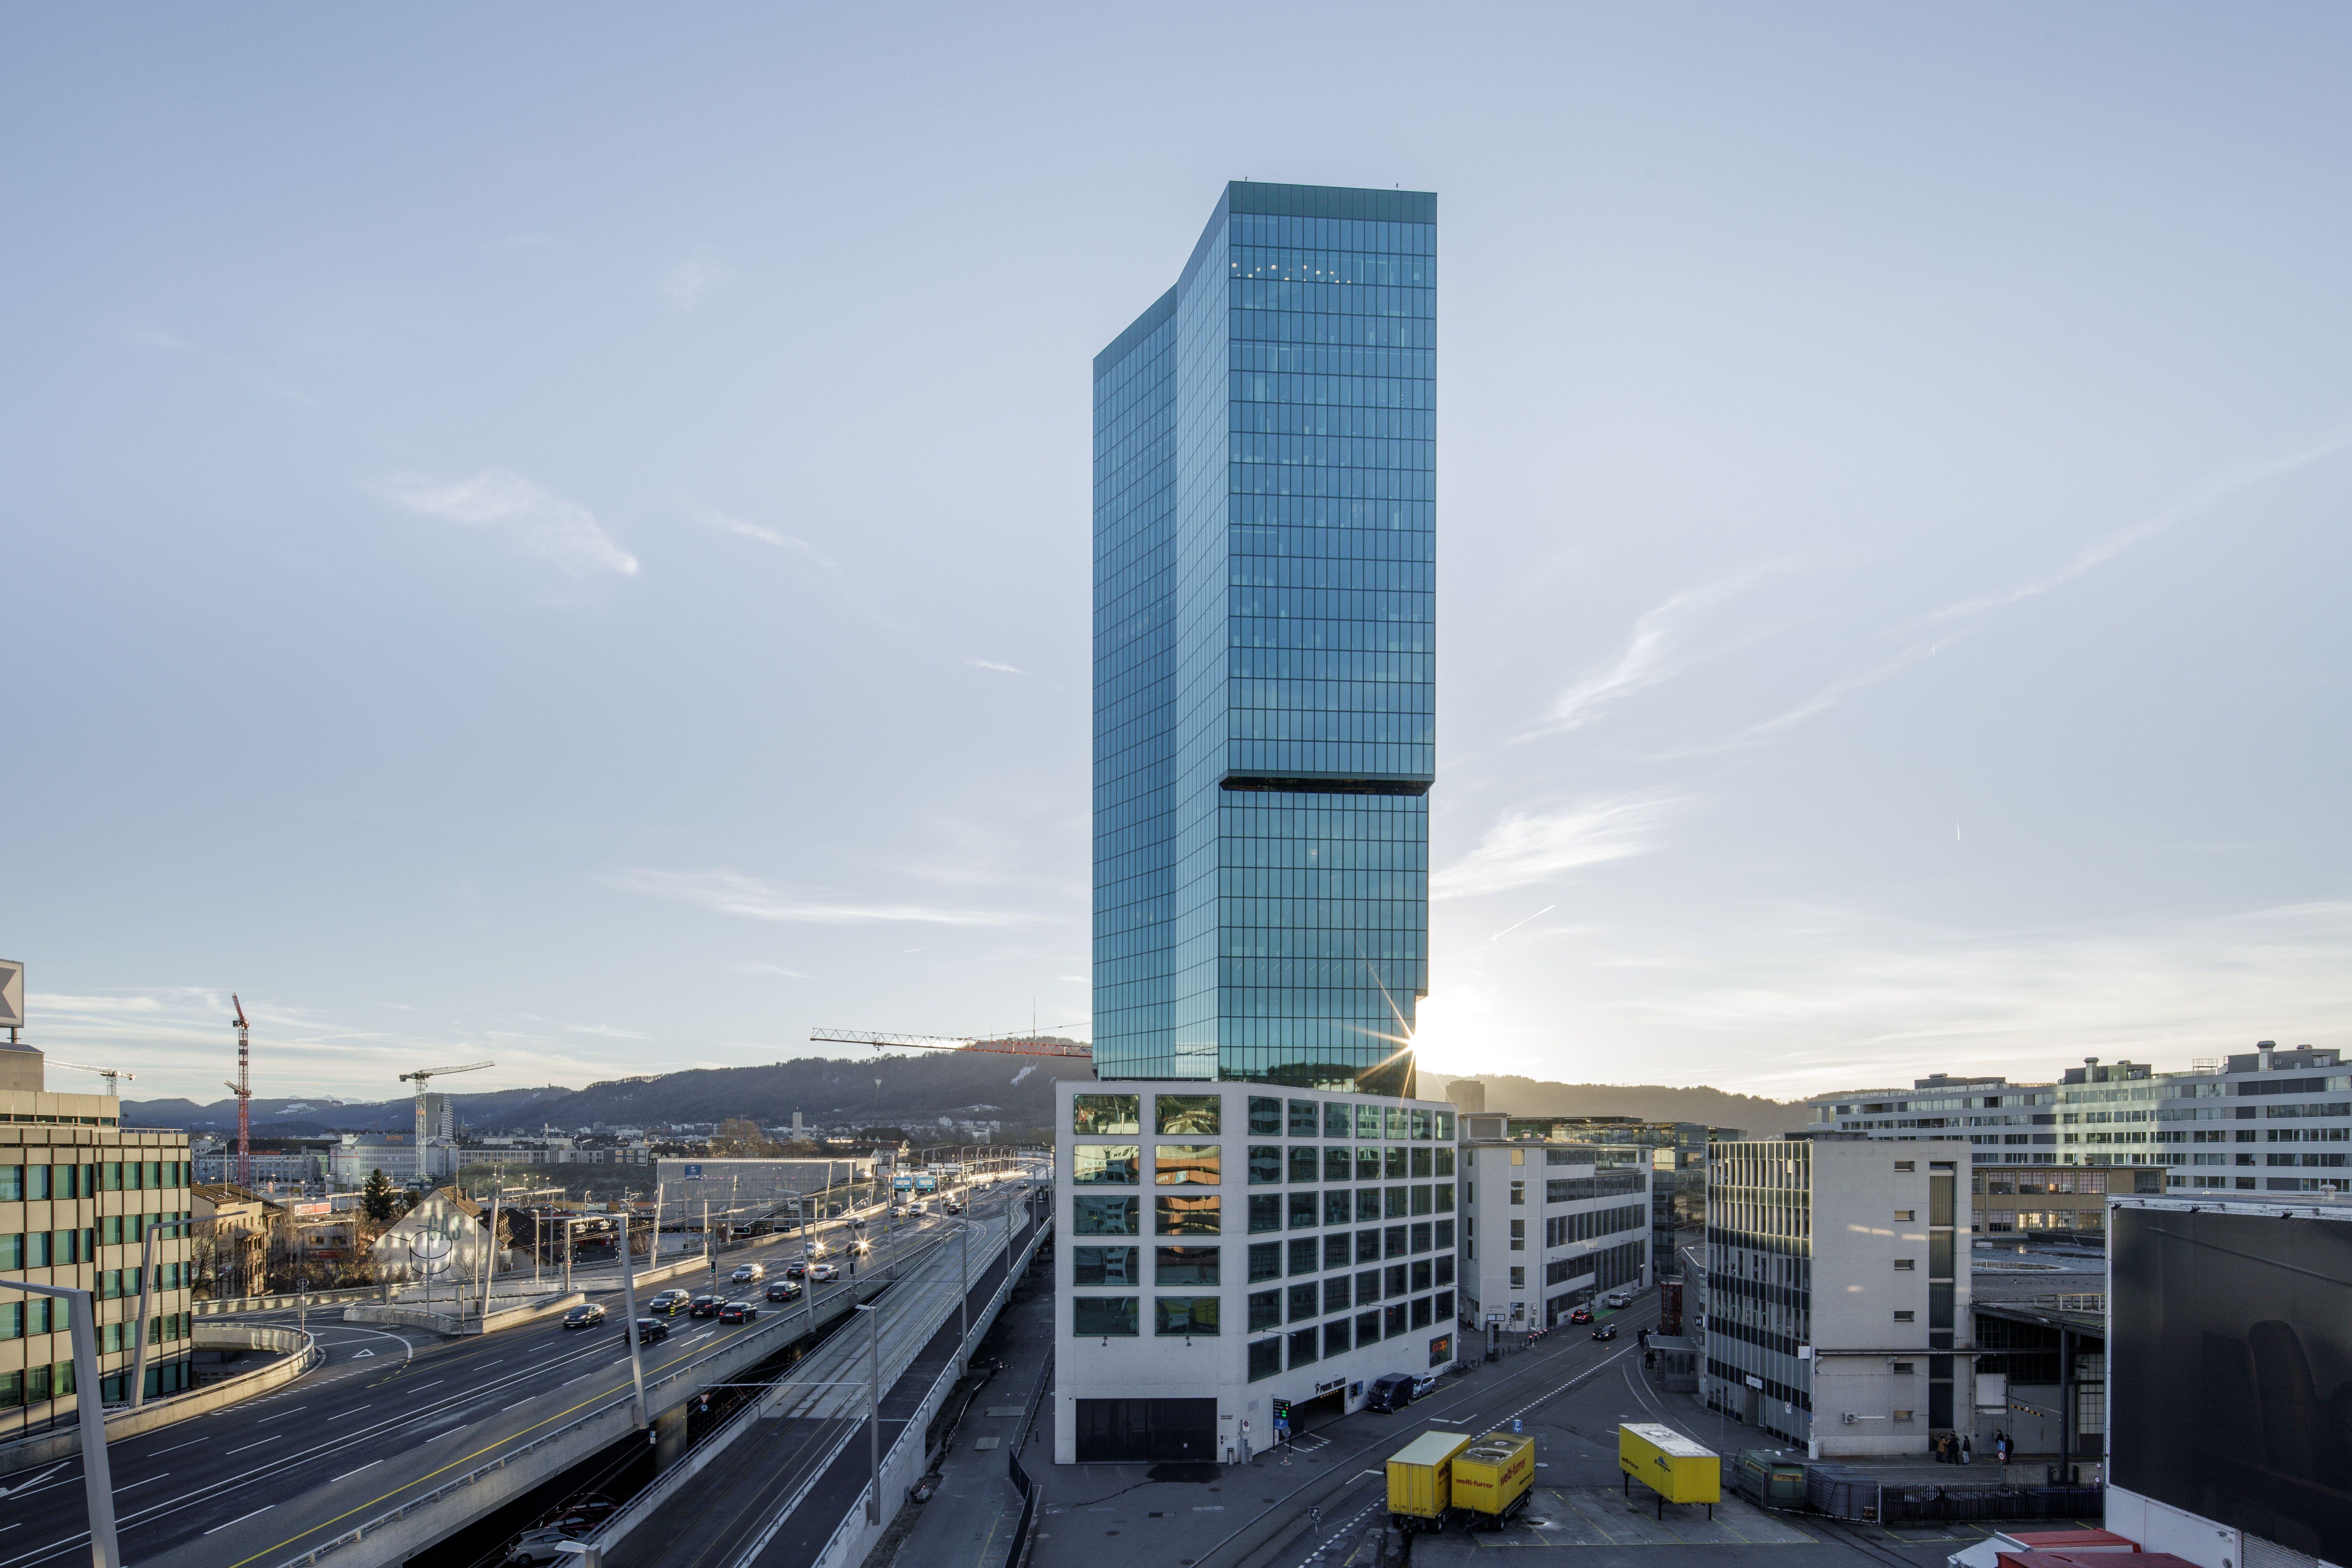 Er eröffnette den Reigen: Der Prime-Tower war an der Hardbrücke in Zürich steht symbolisch für die Wiederentdeckung des Hochhauses in der Schweiz.